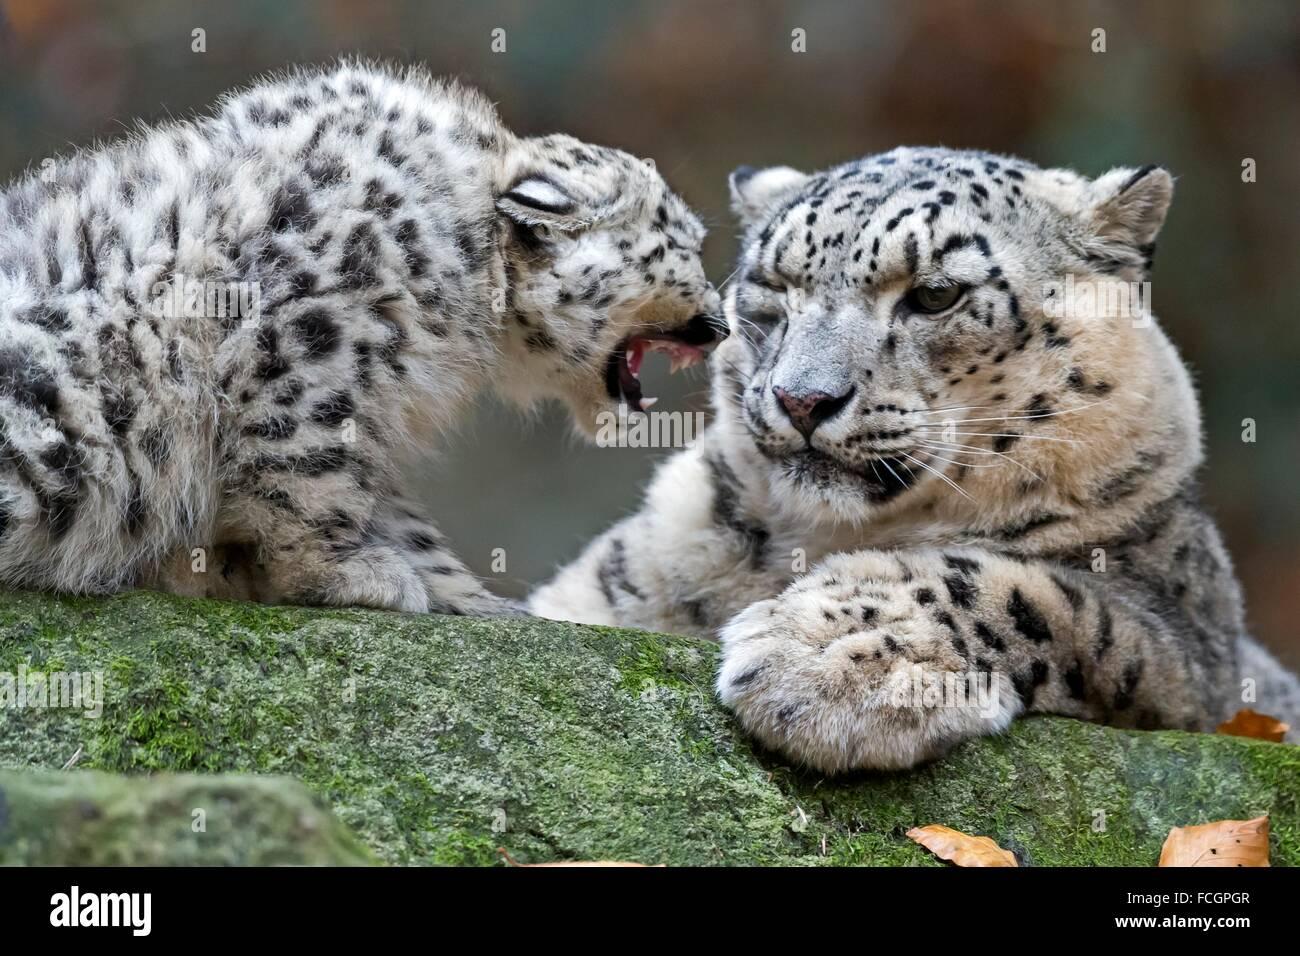 Snow Leopard (Uncia uncia), animali giovani, captive, Germania Foto Stock